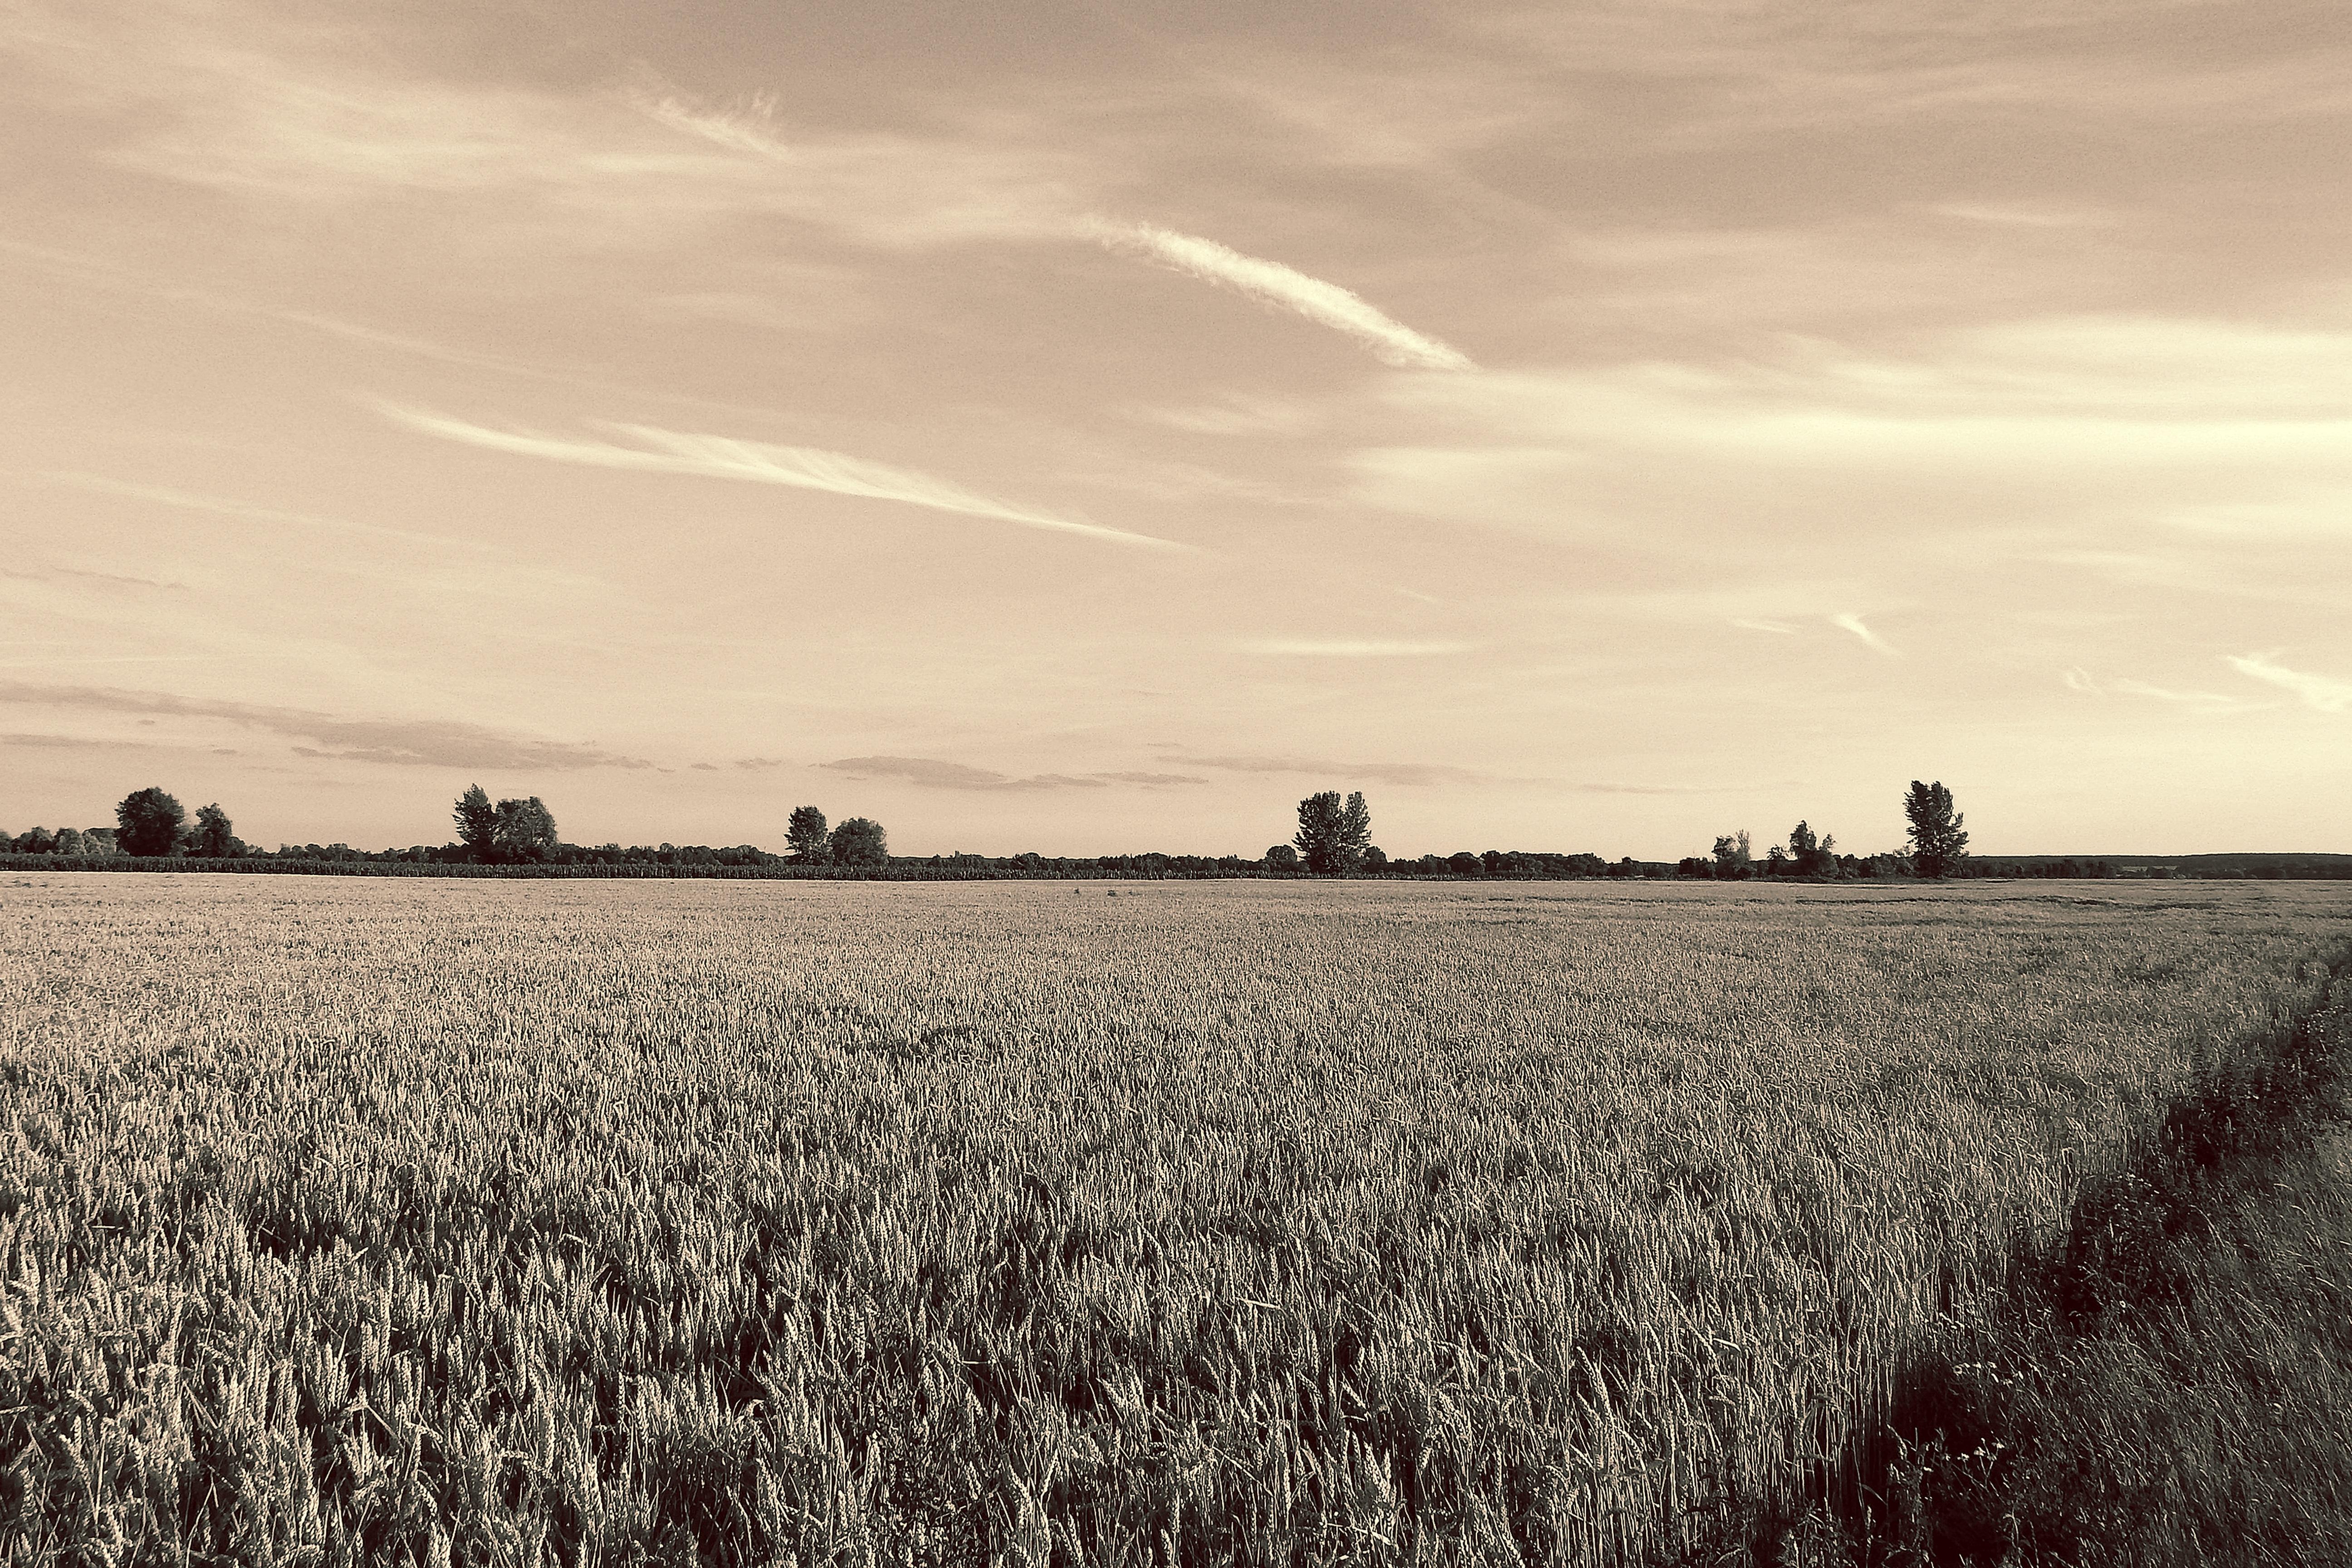 повышении равнины картинки черно-белые встречались фитоняшки